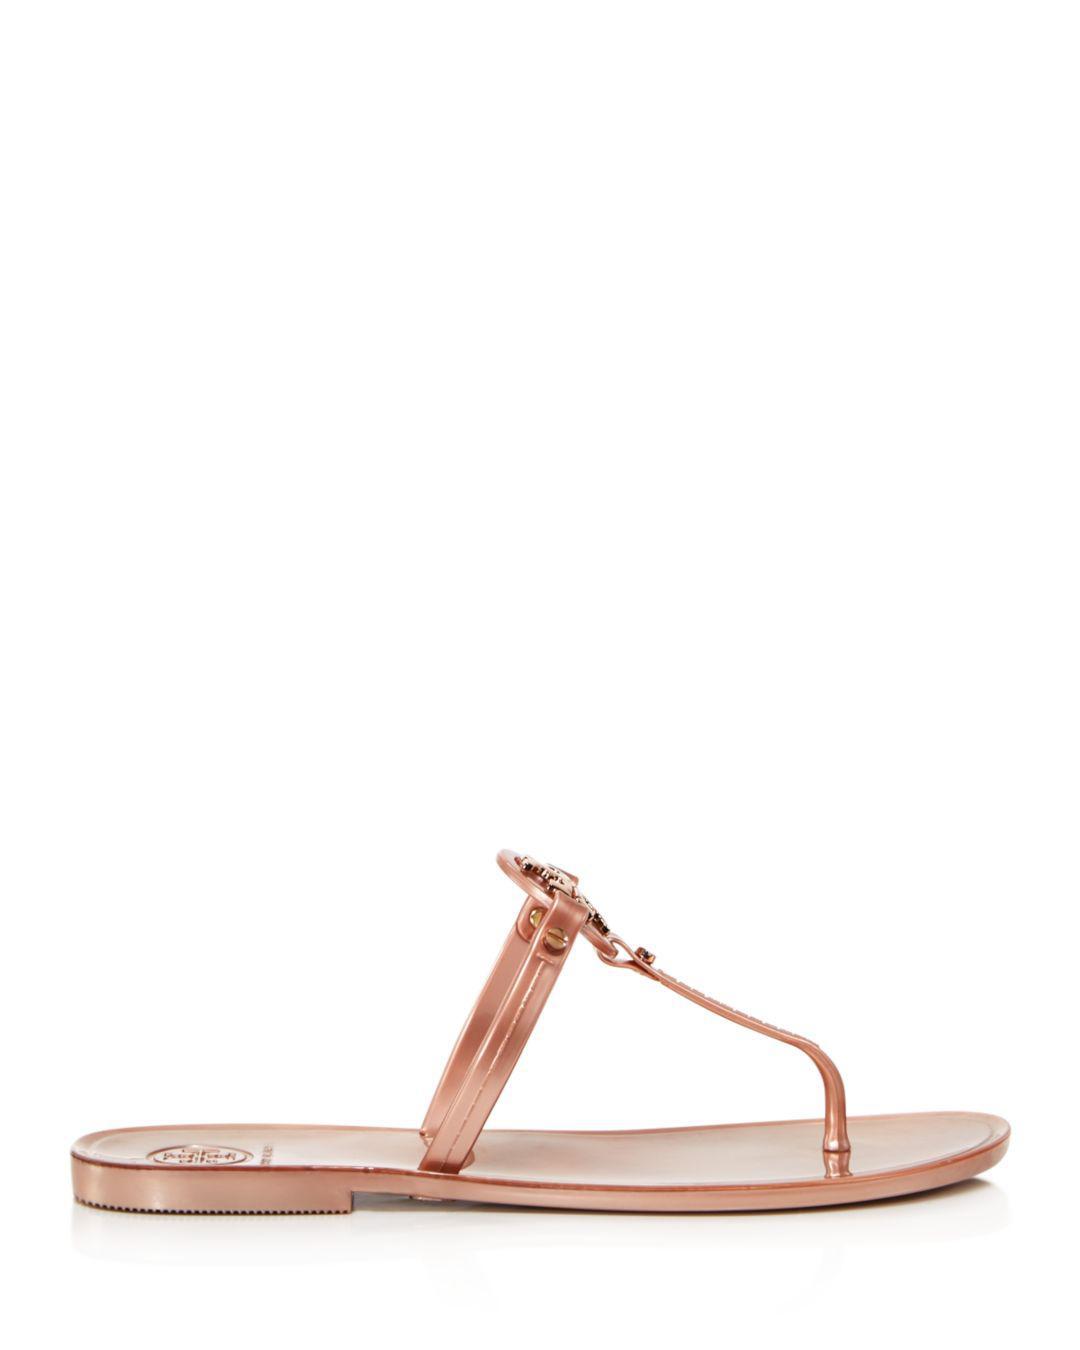 2756d707d50 Lyst - Tory Burch Mini Miller Jelly Flat Thong Sandals